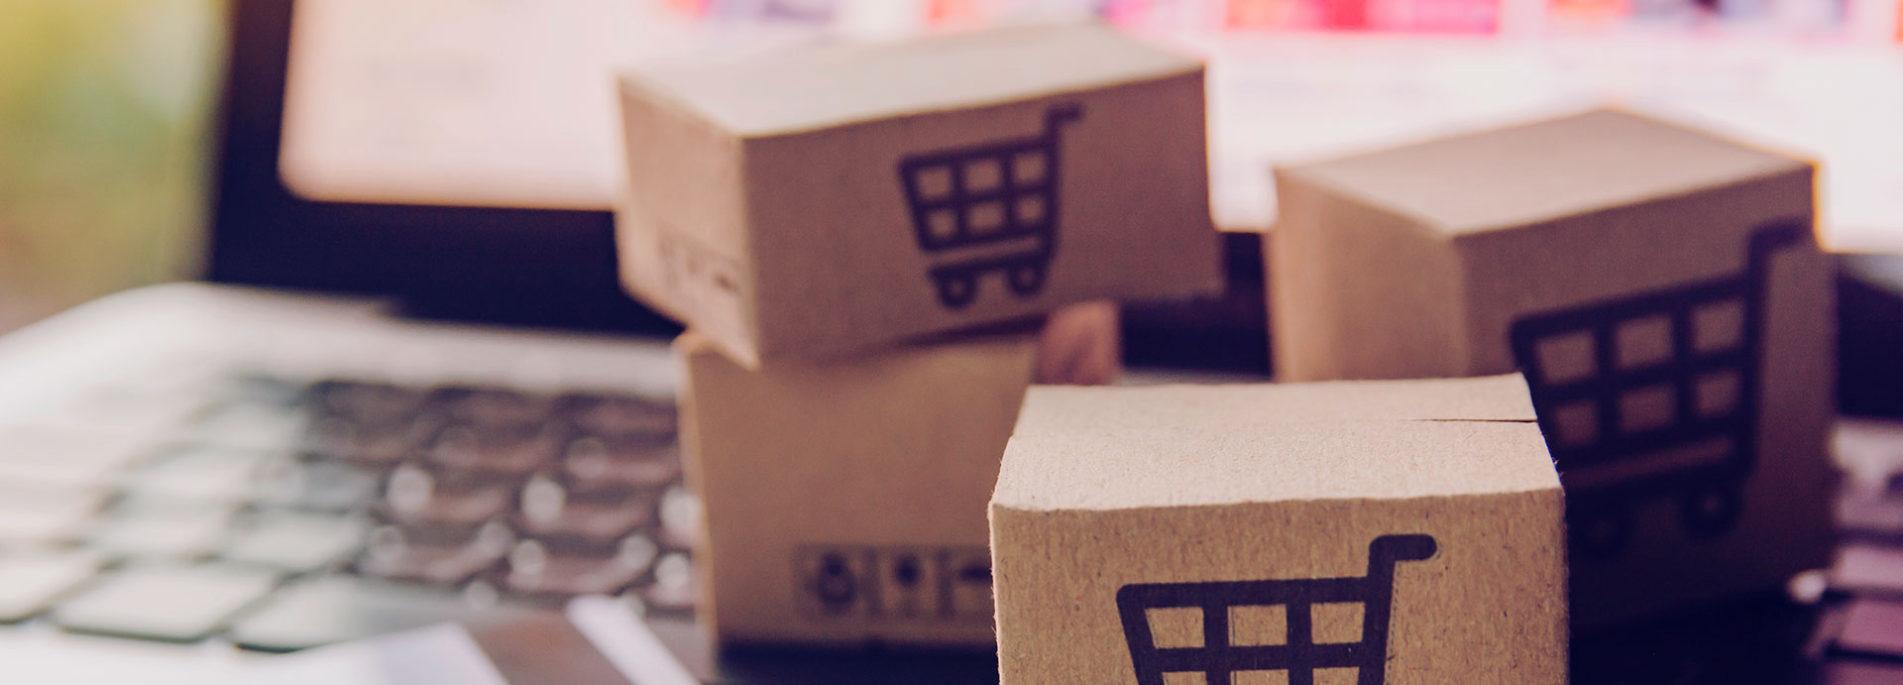 5 provas de que a experiência do cliente no varejo está mudando!